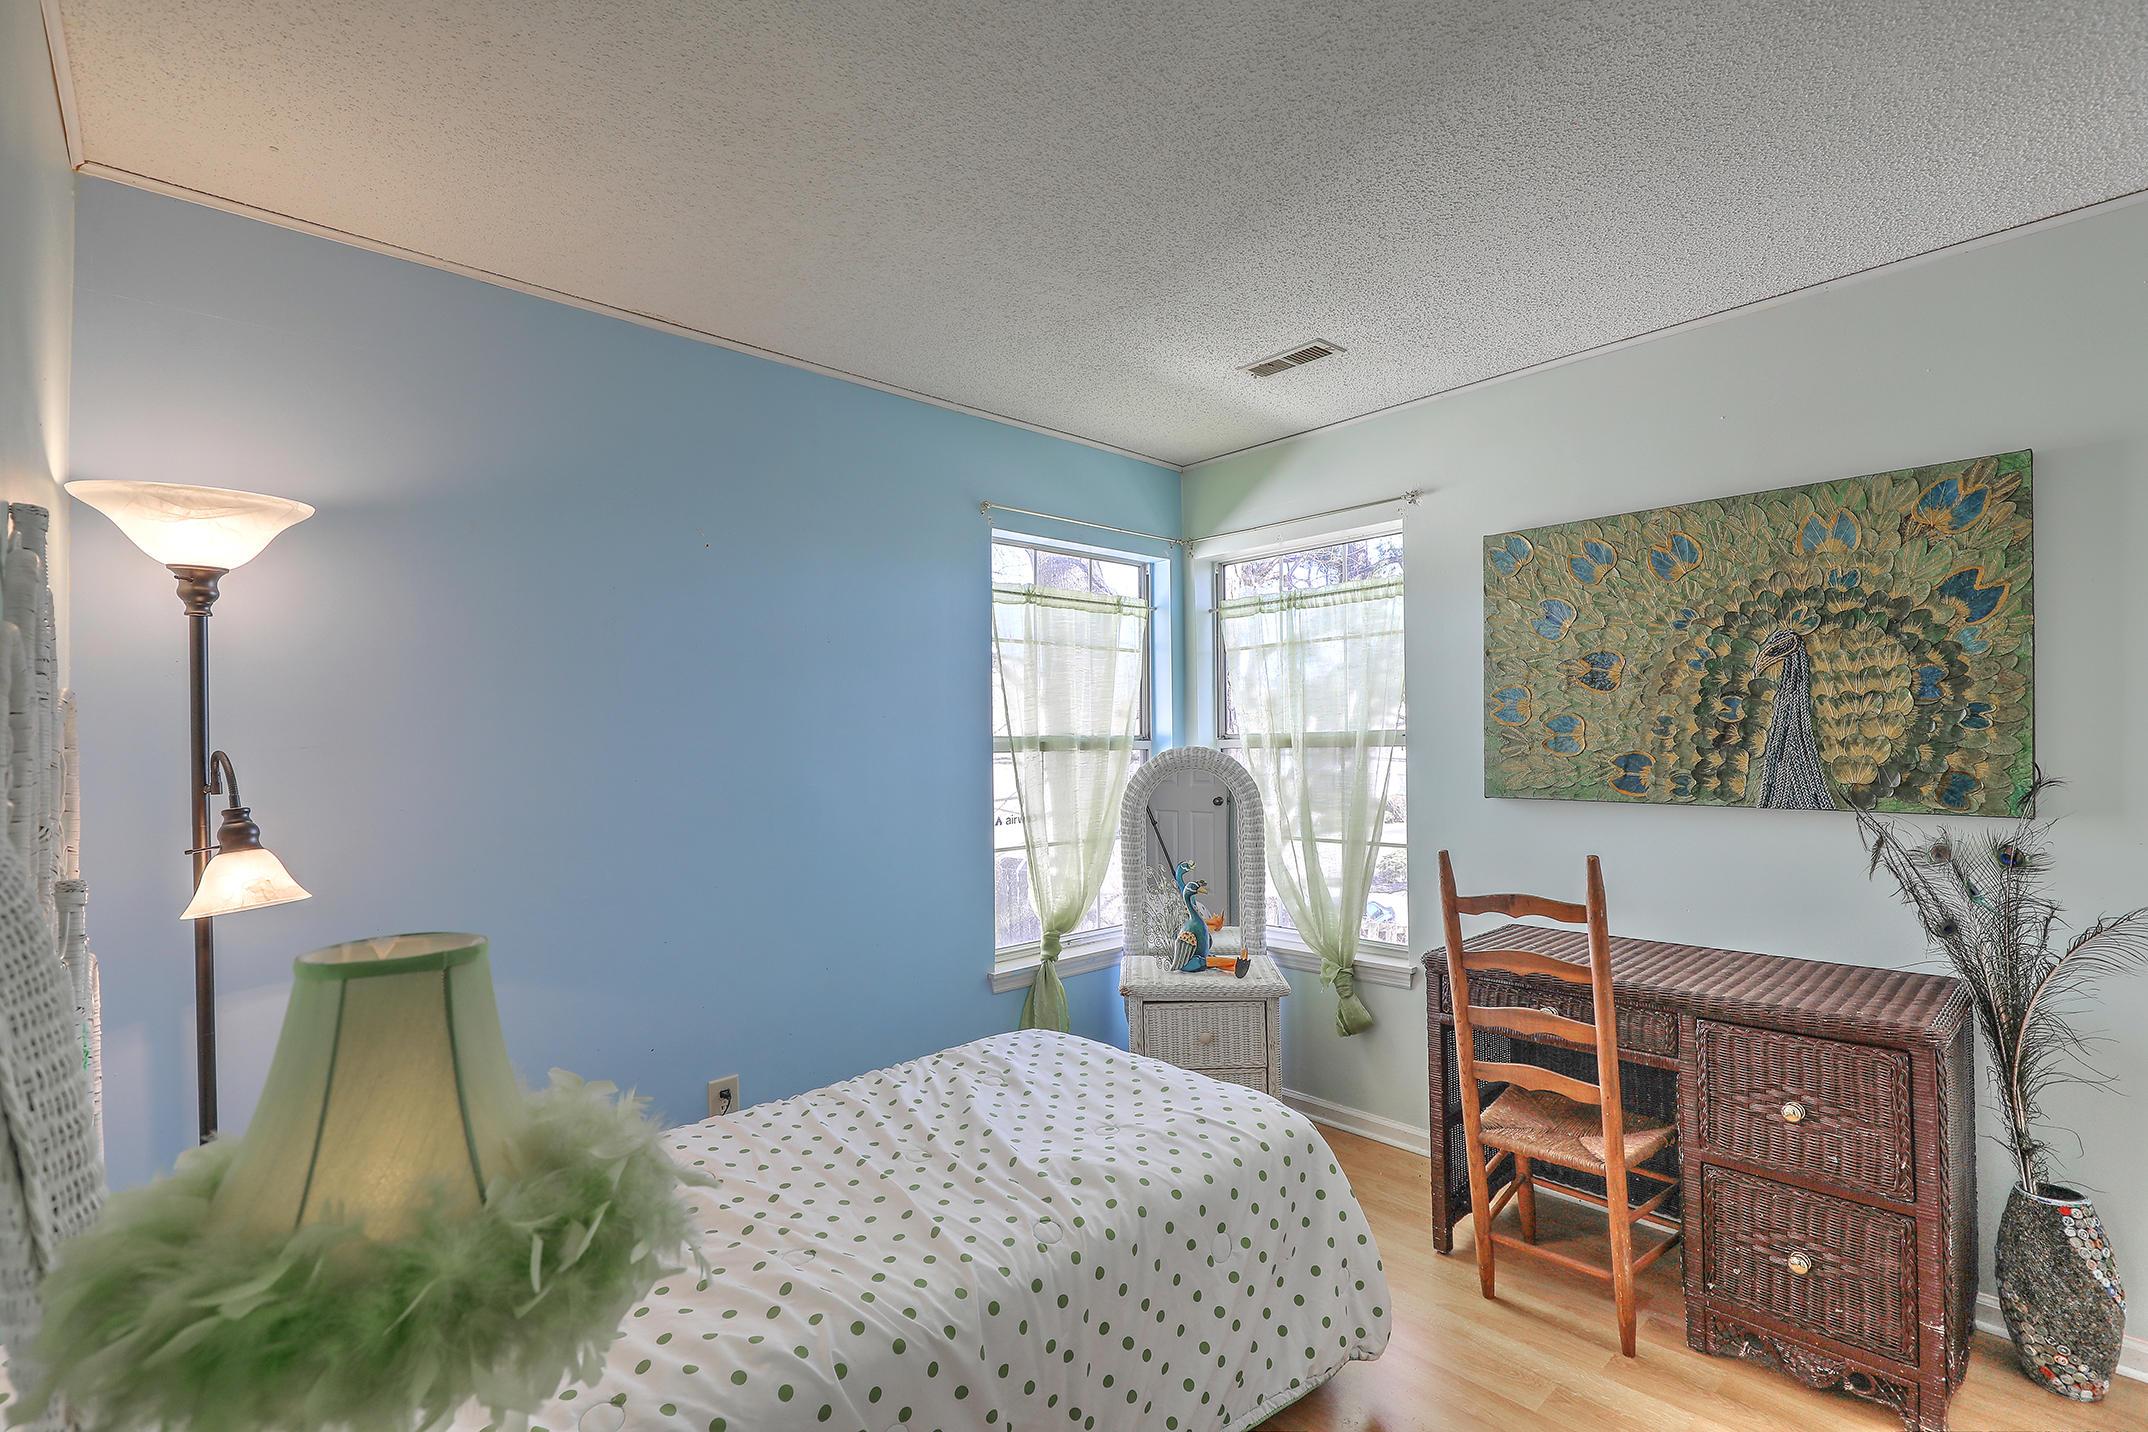 Crichton Parish Homes For Sale - 107 Parish Parc, Summerville, SC - 26